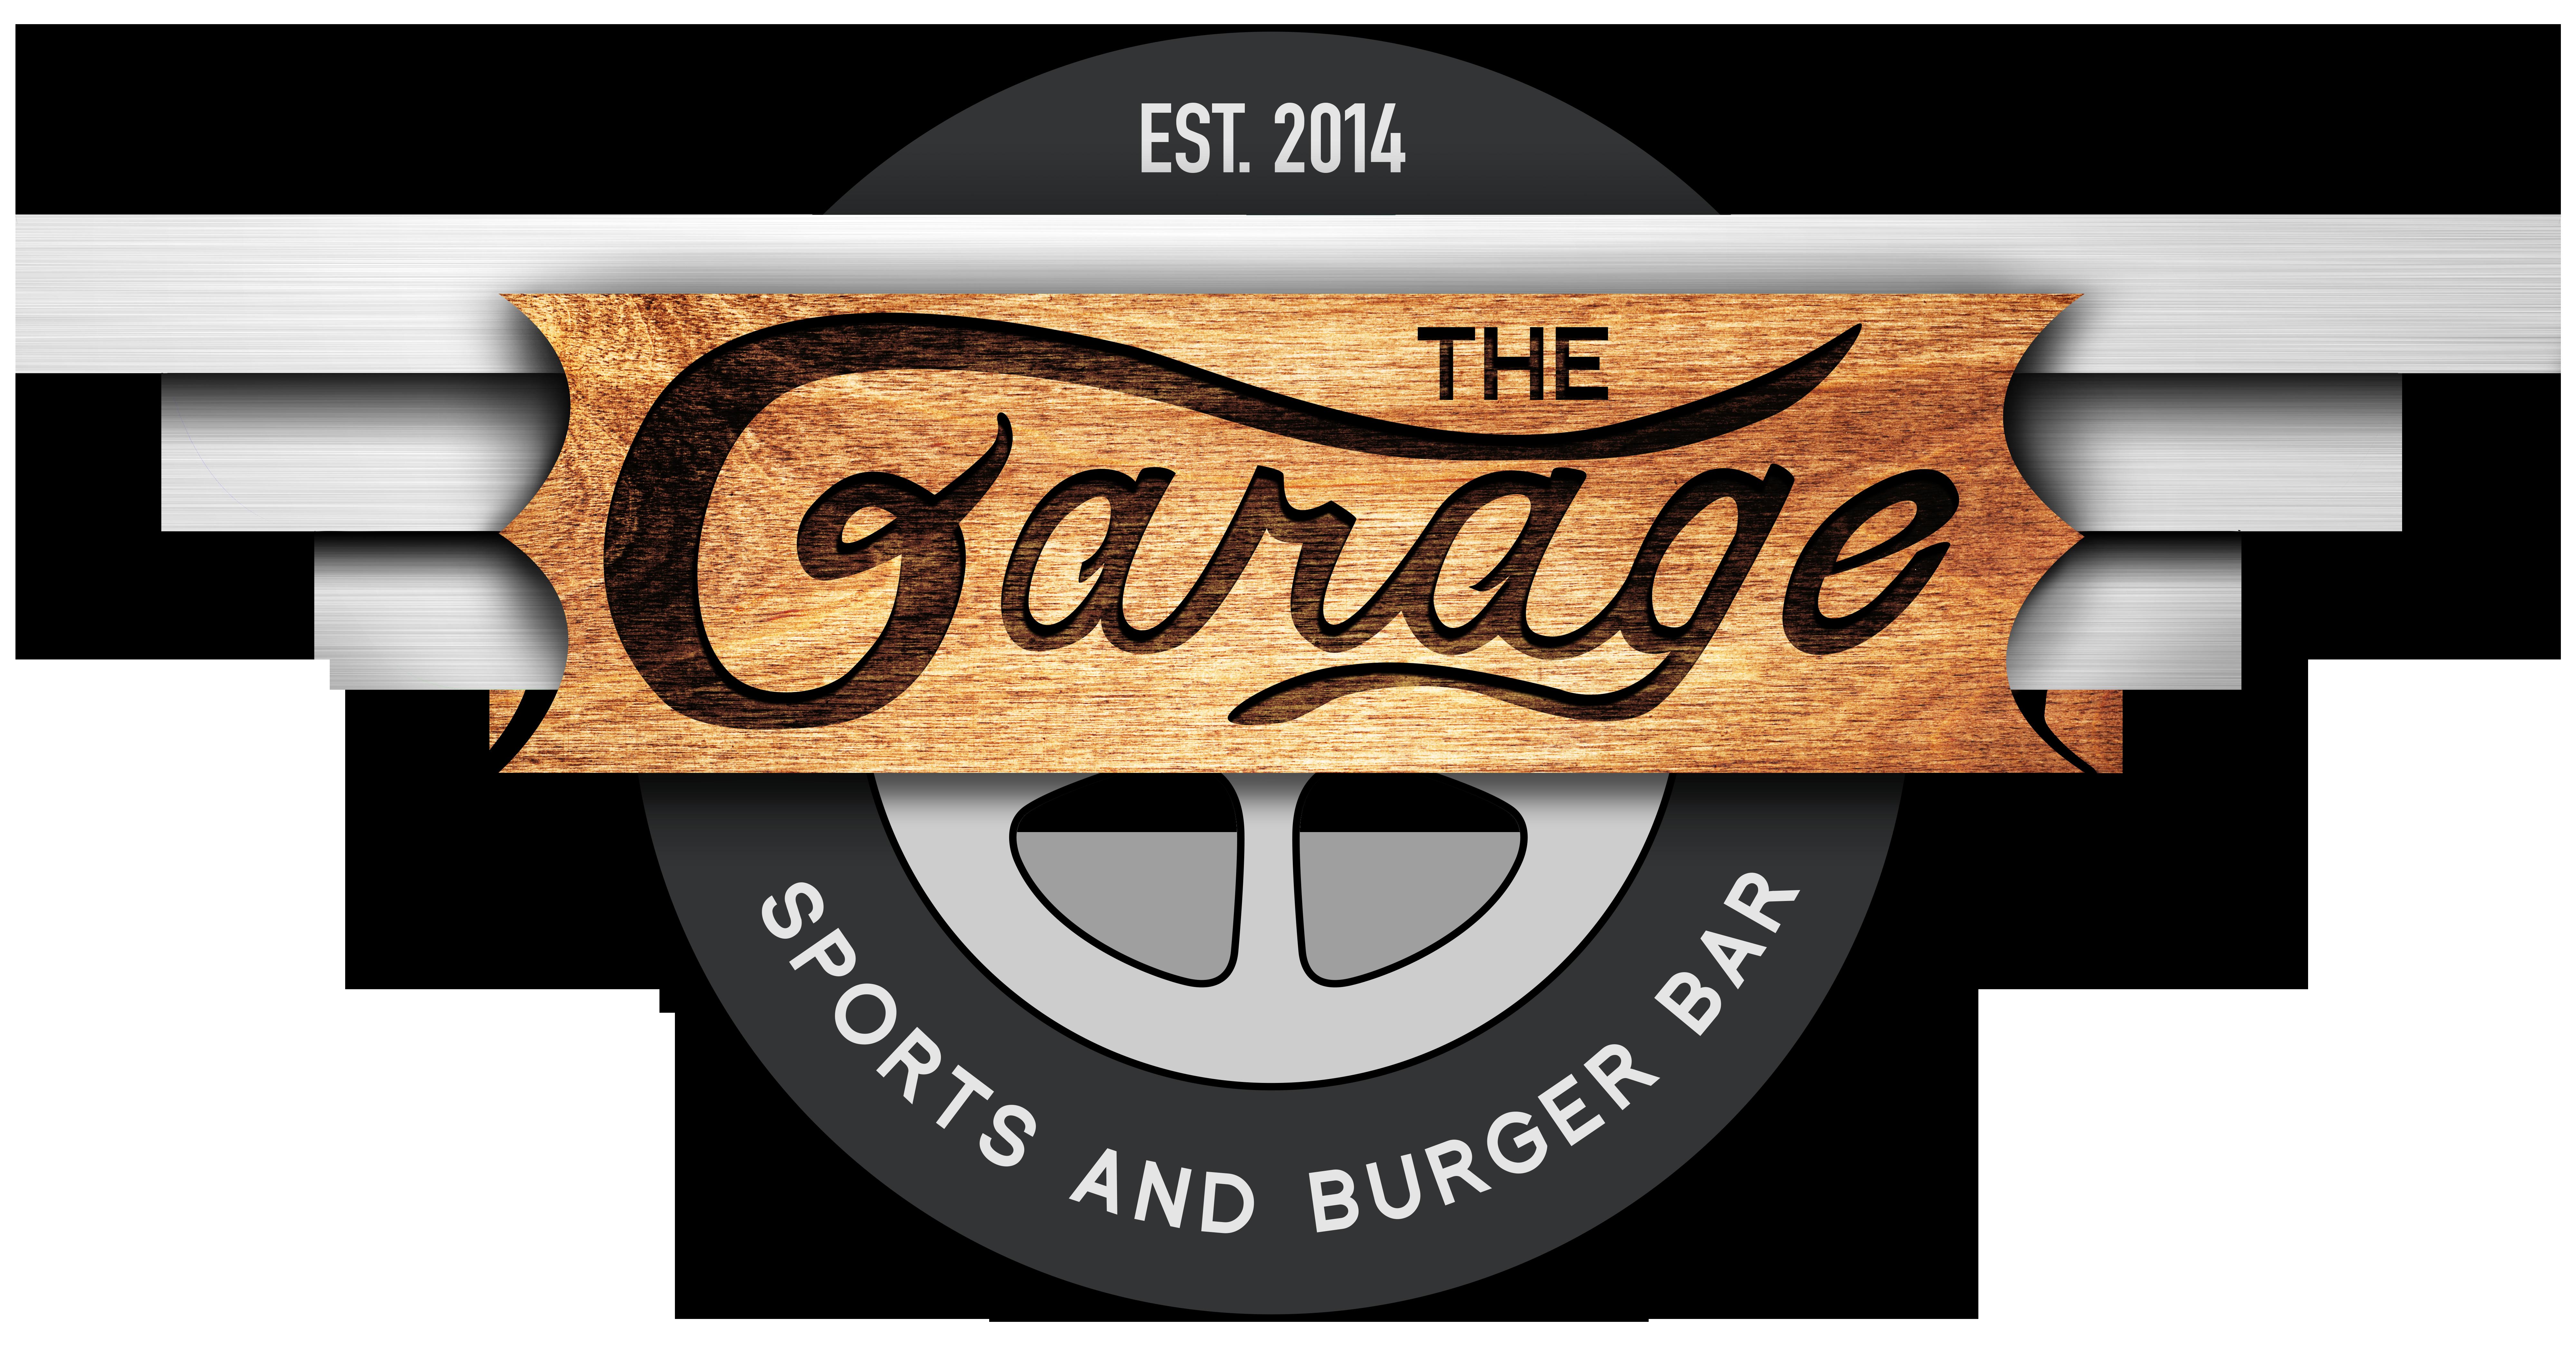 Garage Bar Kenosha Sports Bar And Burger Restaurant